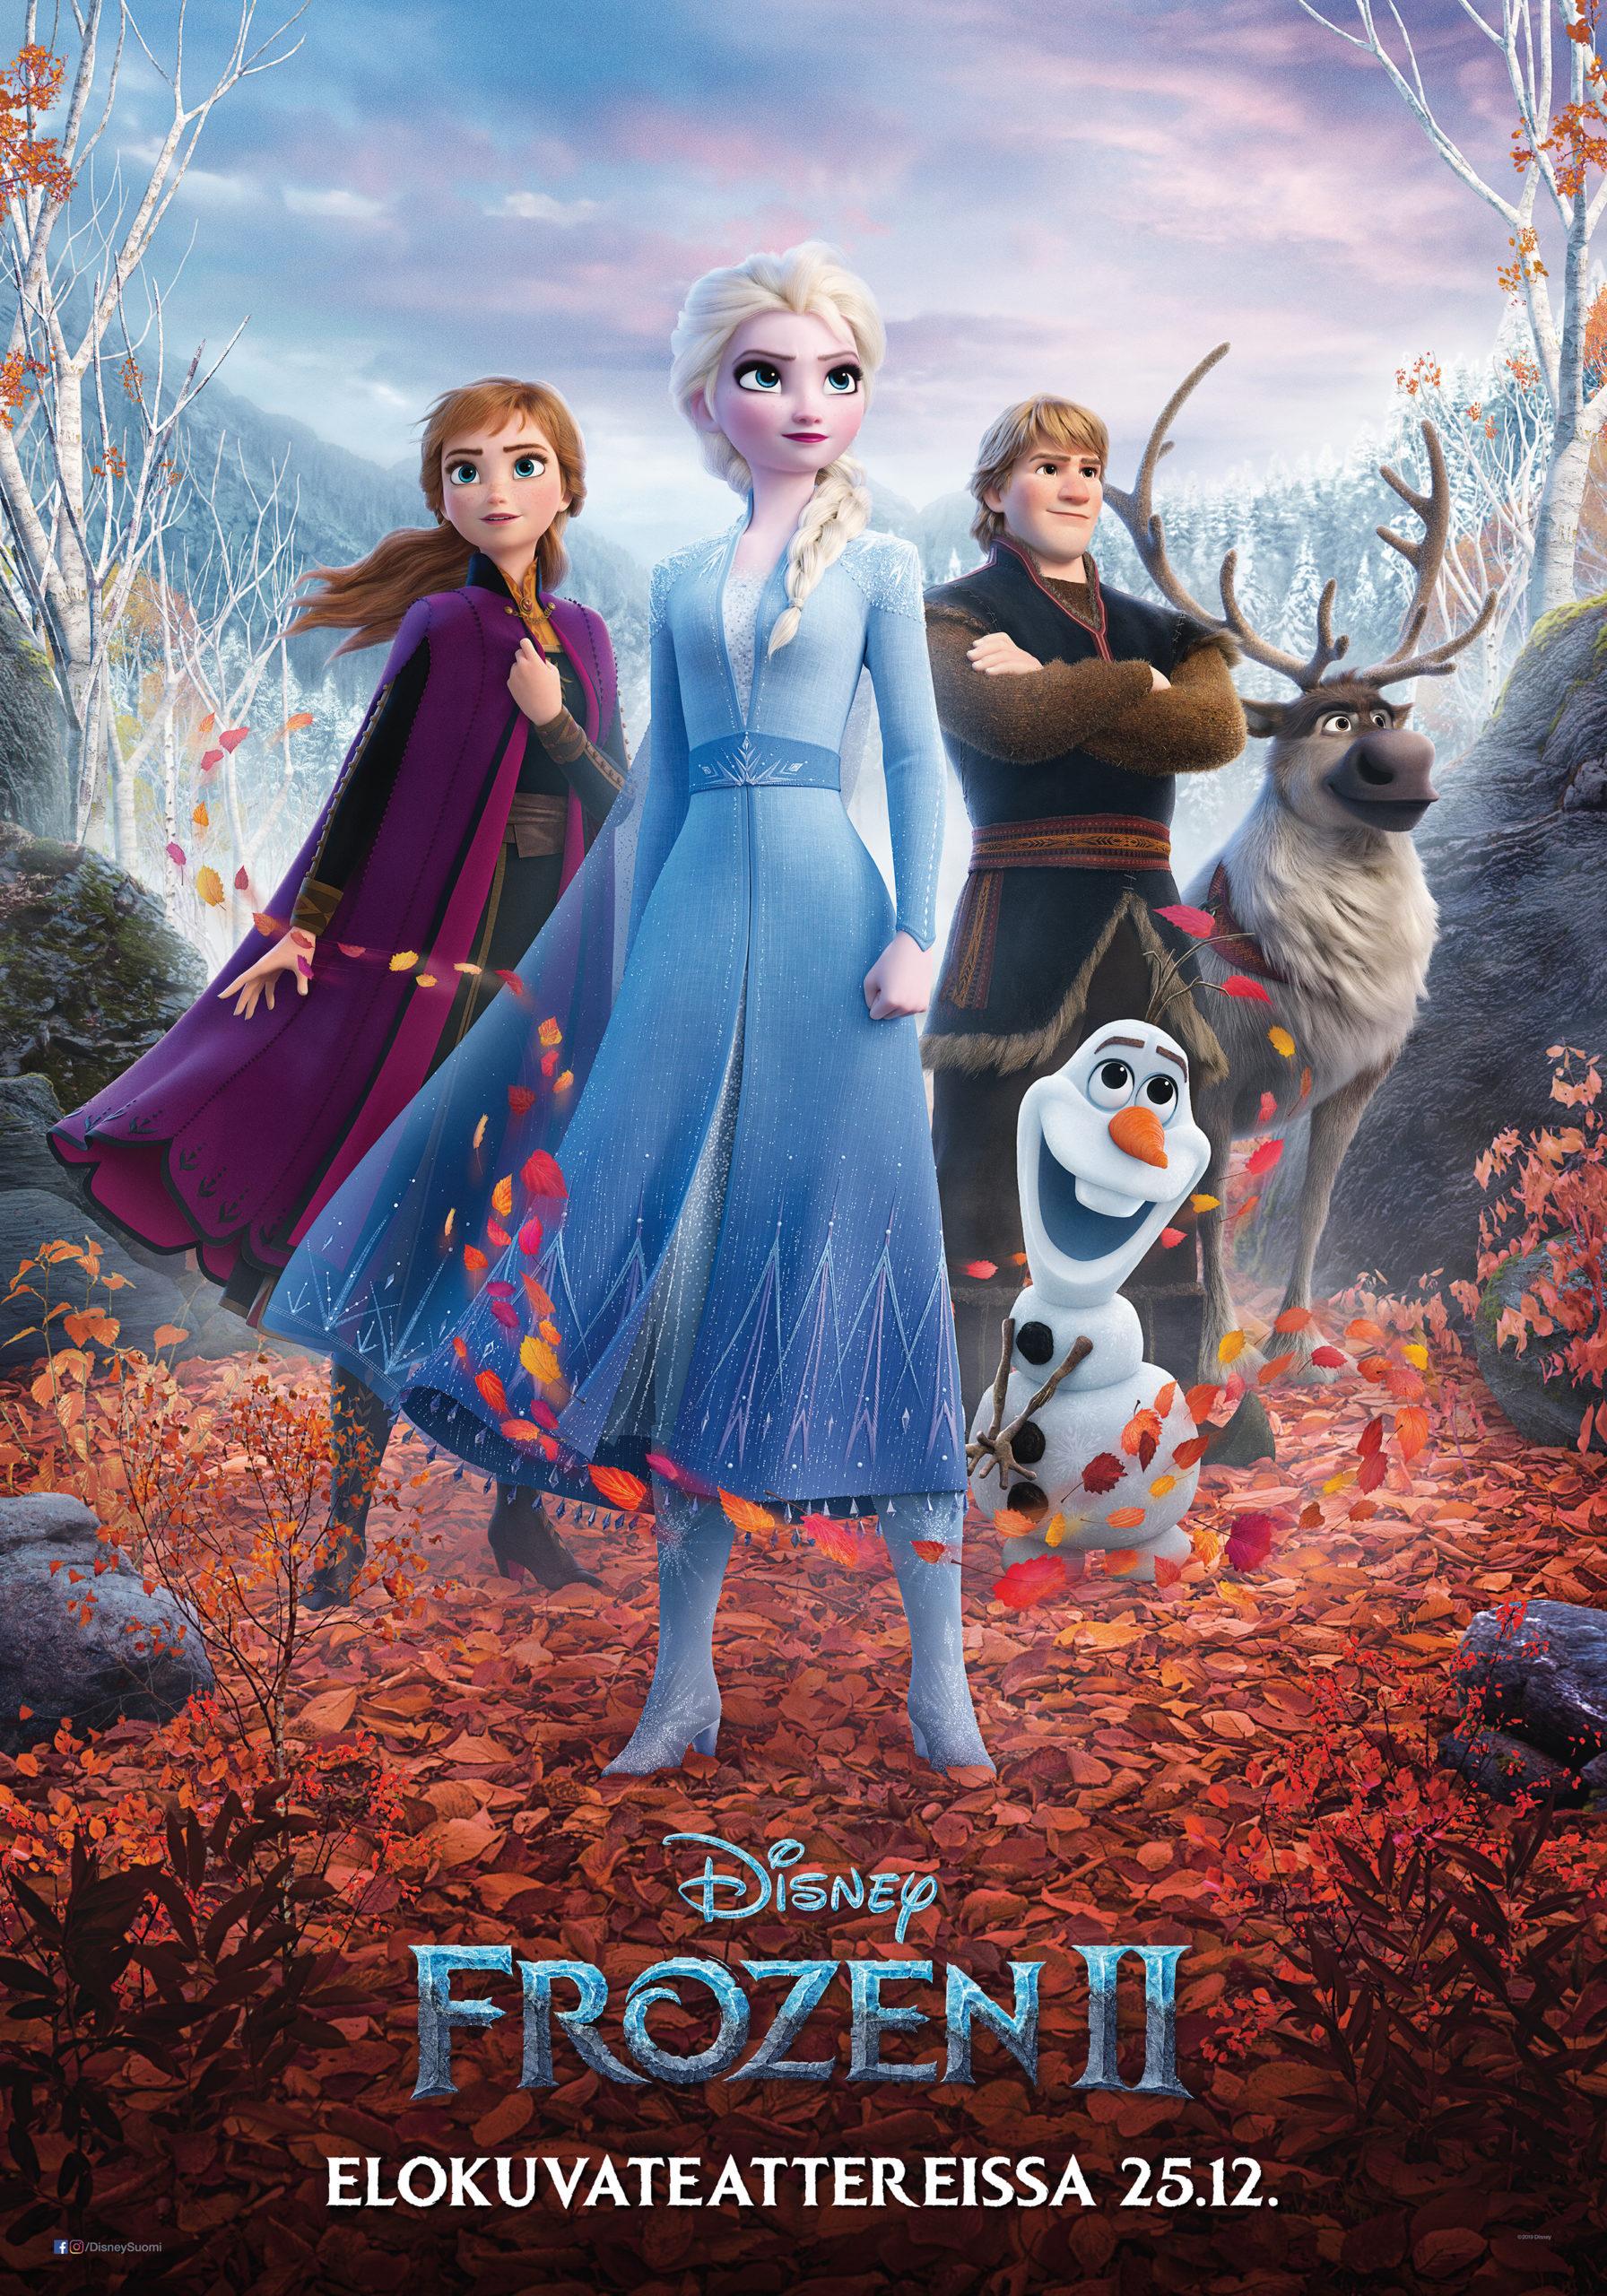 Frozen - huurteinen seikkailu -elokuvan ihastuttava ja odotettu jatko-osa Frozen 2 Kangasala-talon K-Kinossa joulukuussa 2019.